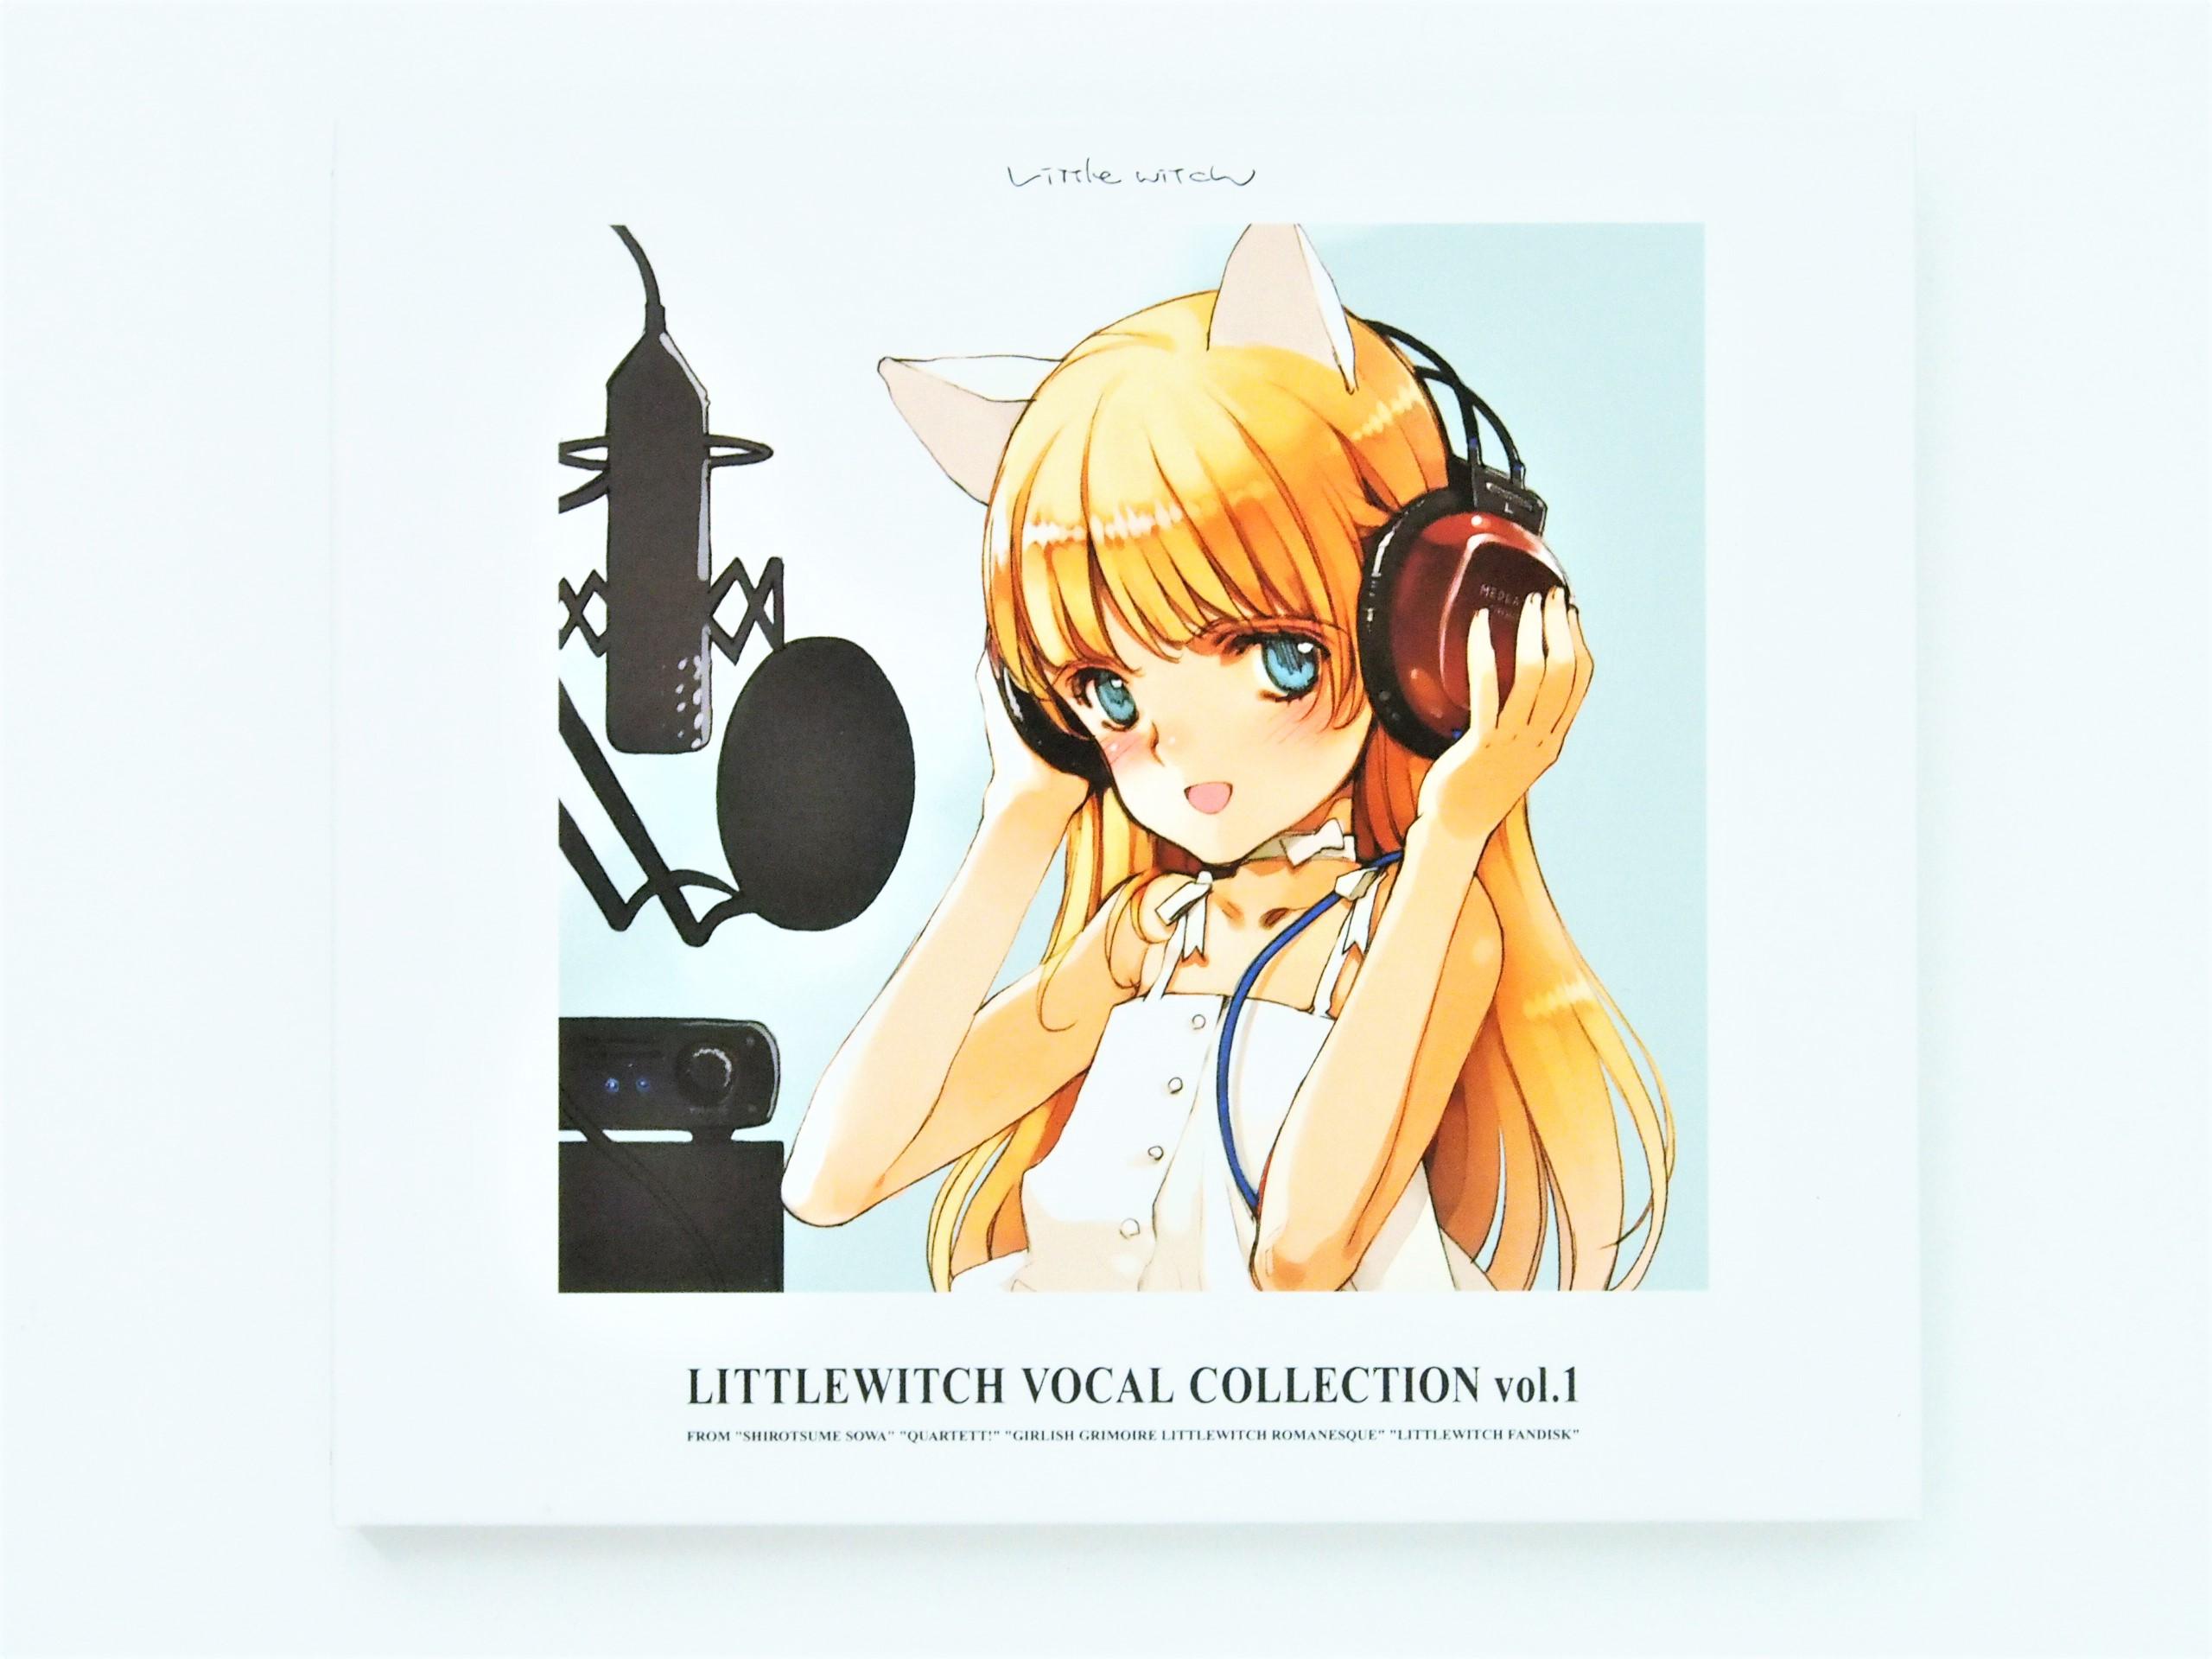 高価買取したリトルウィッチ ボーカルコレクションVol.1の表紙